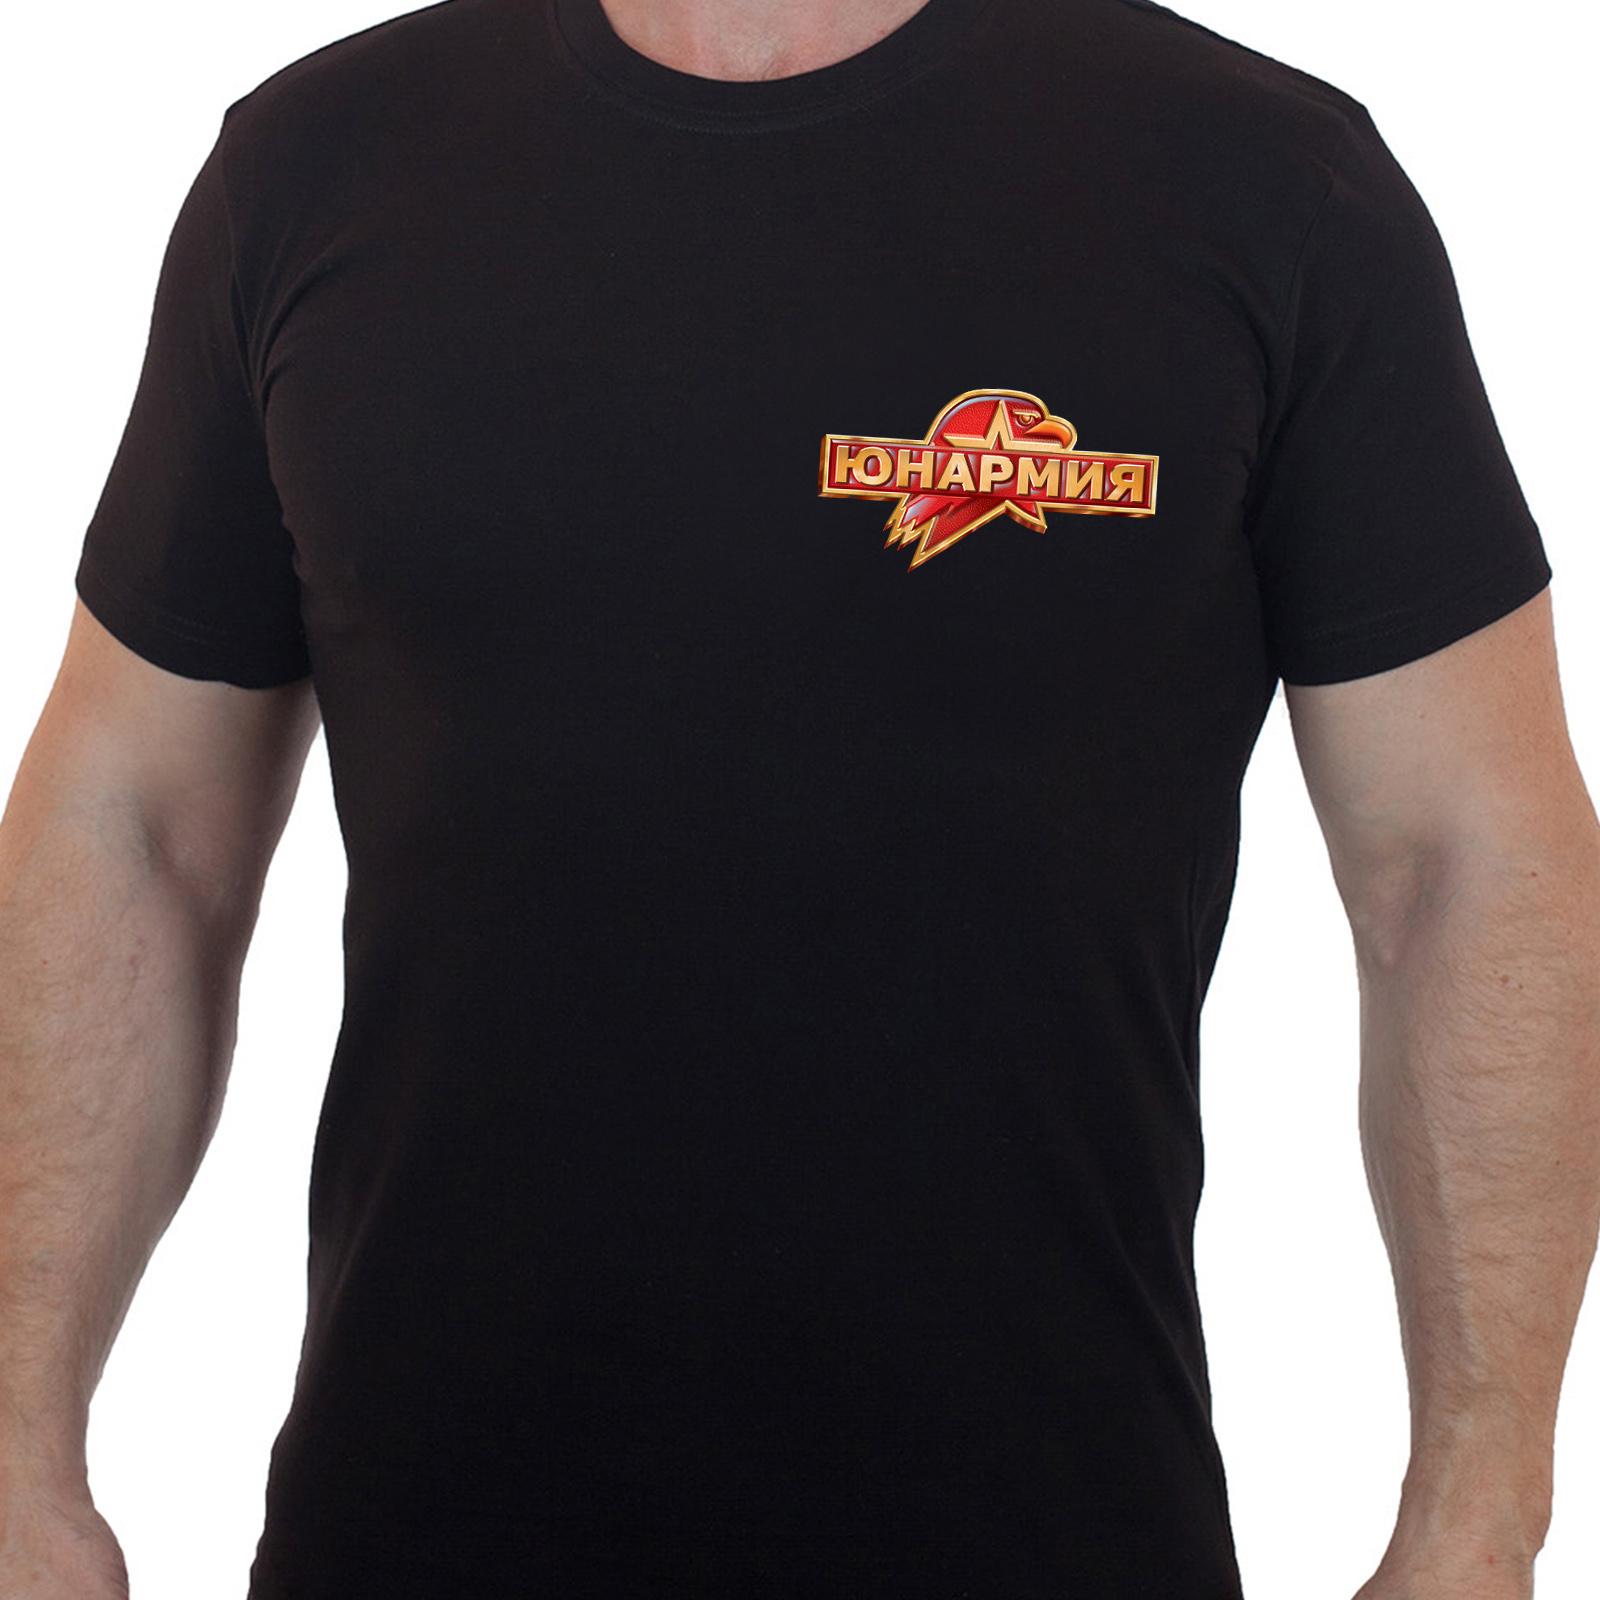 Правильная молодежная футболка Юнармия.